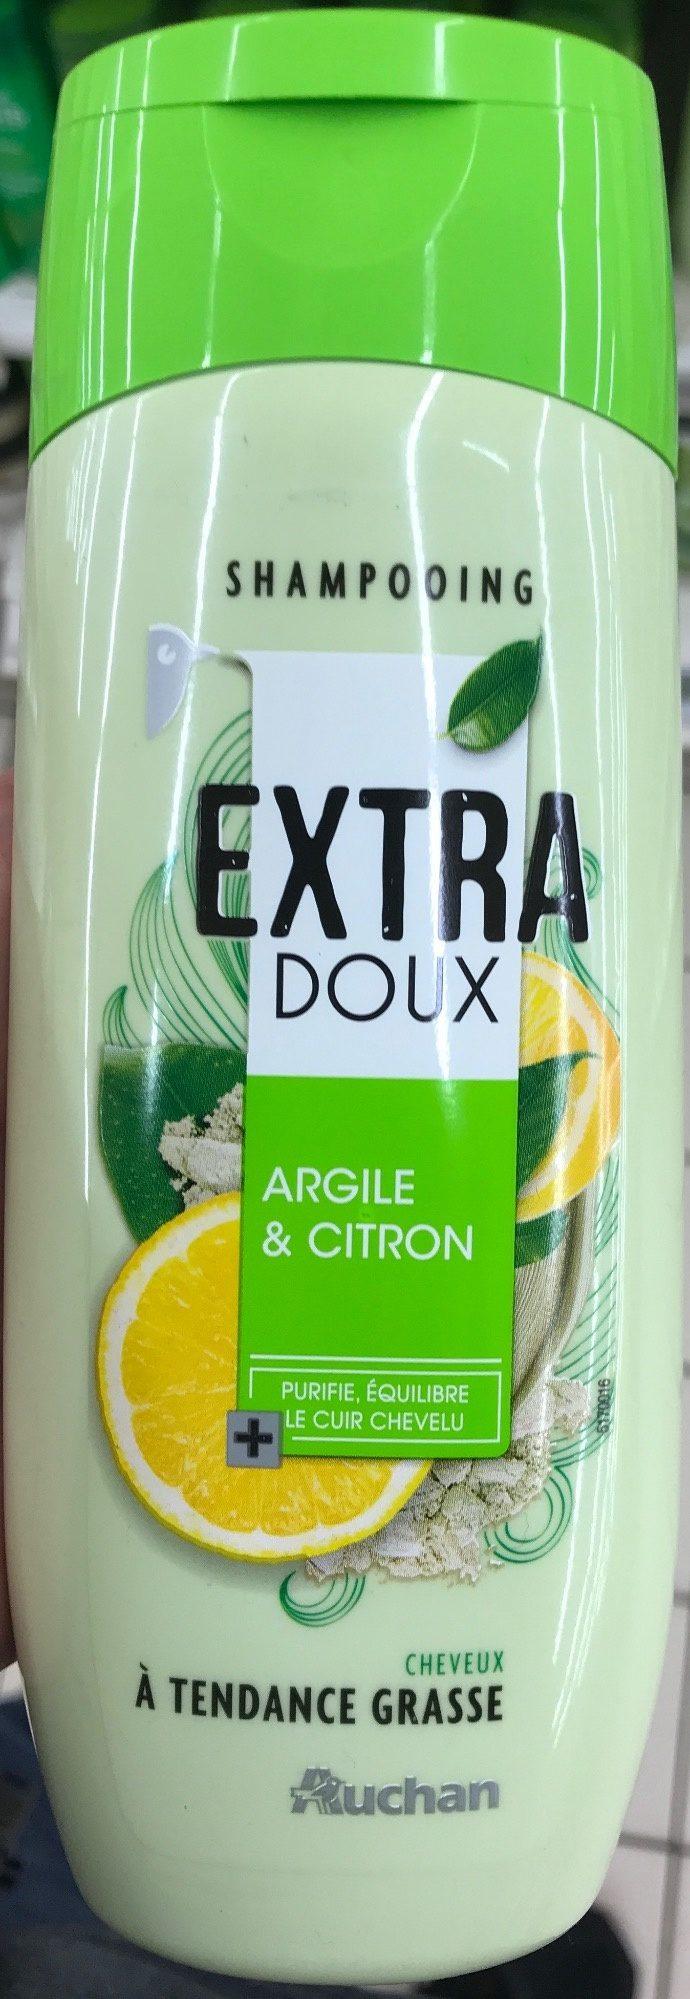 Shampooing extra doux Argile & Citron - Produit